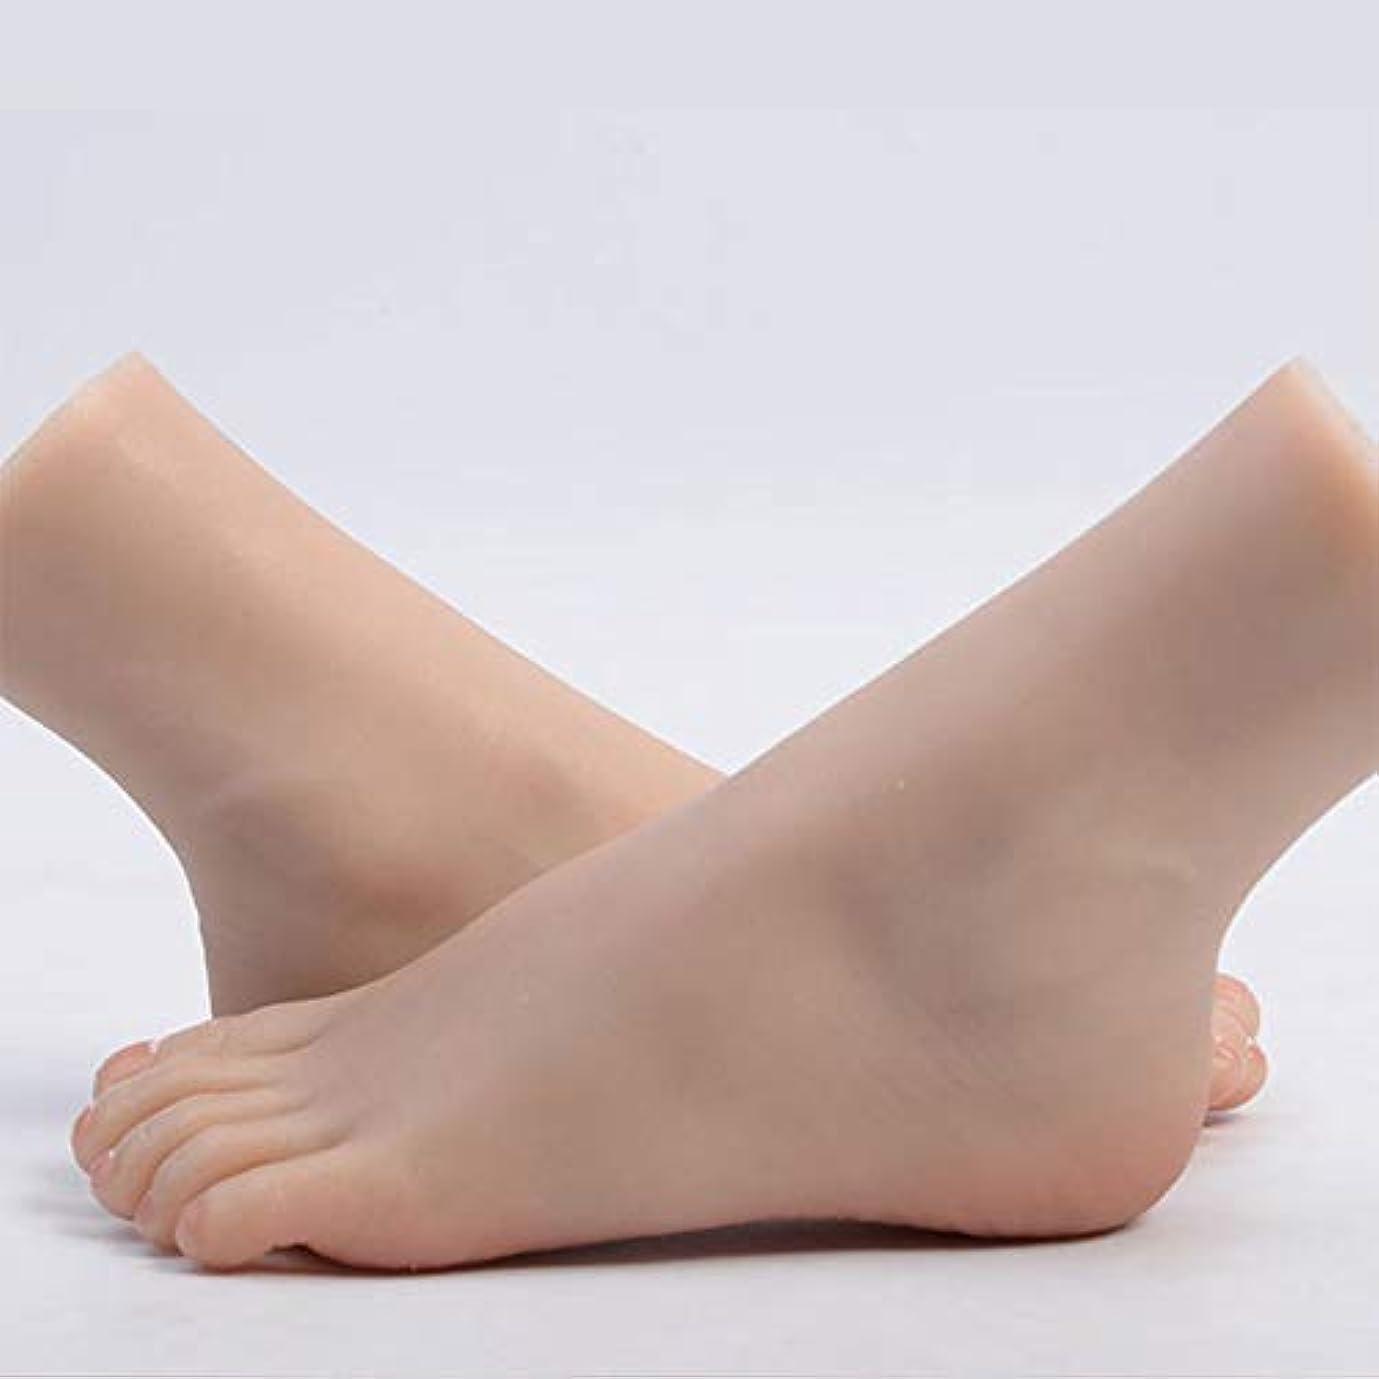 会社ビームしない足モデル、現実的な女性ネイルアートの練習の足マネキン足モデルシューズソックスジュエリーディスプレイ、1ペア,Bone